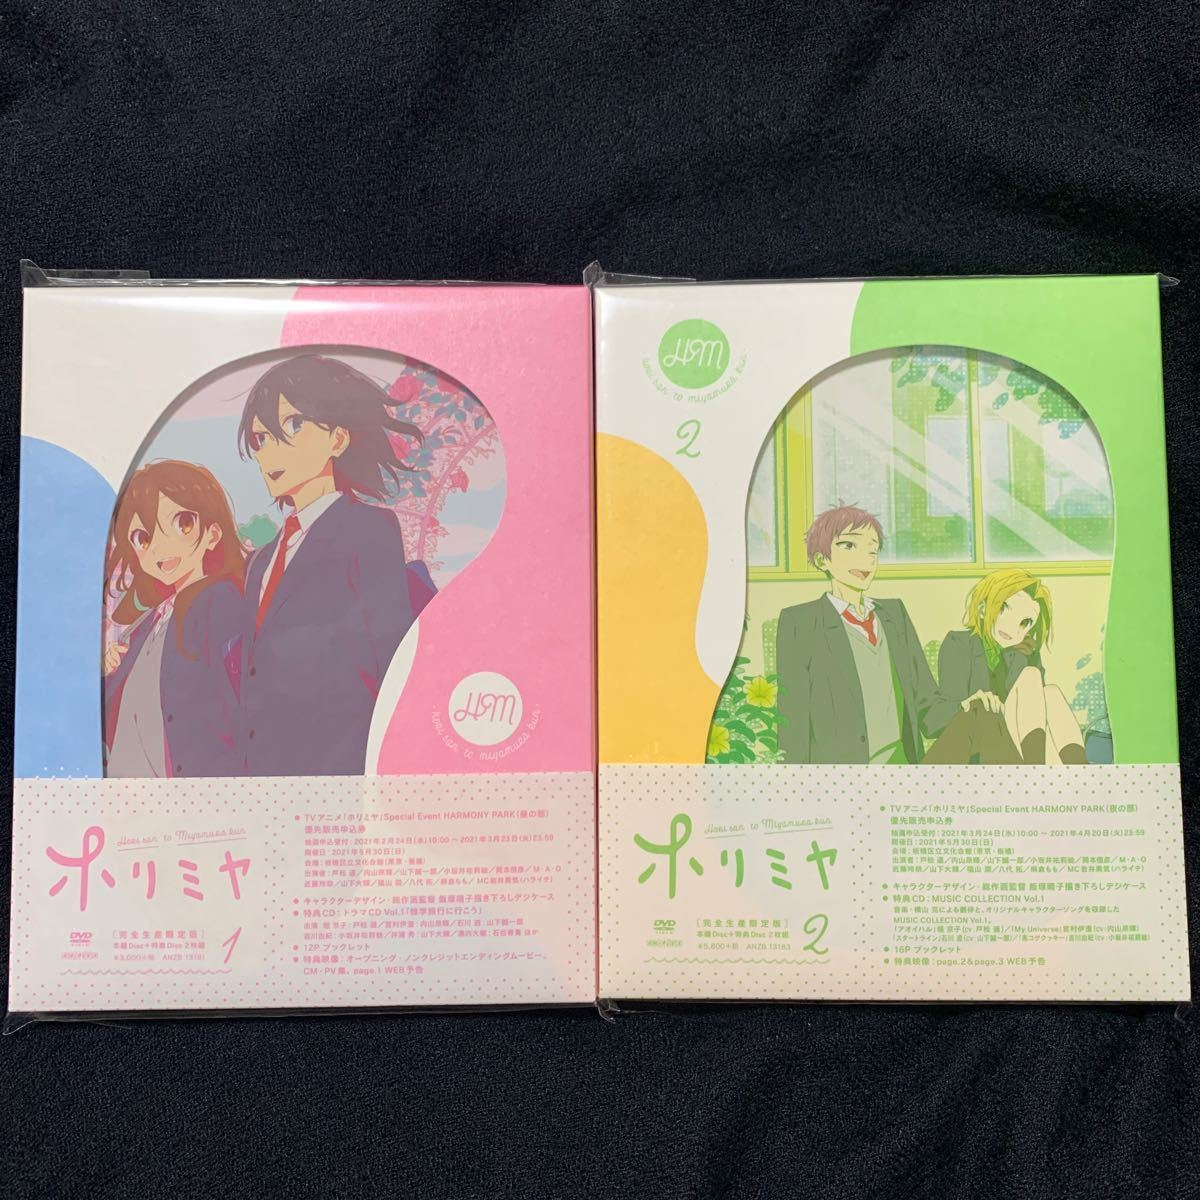 DVD ホリミヤ 1、2 完全生産限定版 DVD page.1「ほんの、ささいなきっかけで。」シリアルなし 新品 未再生